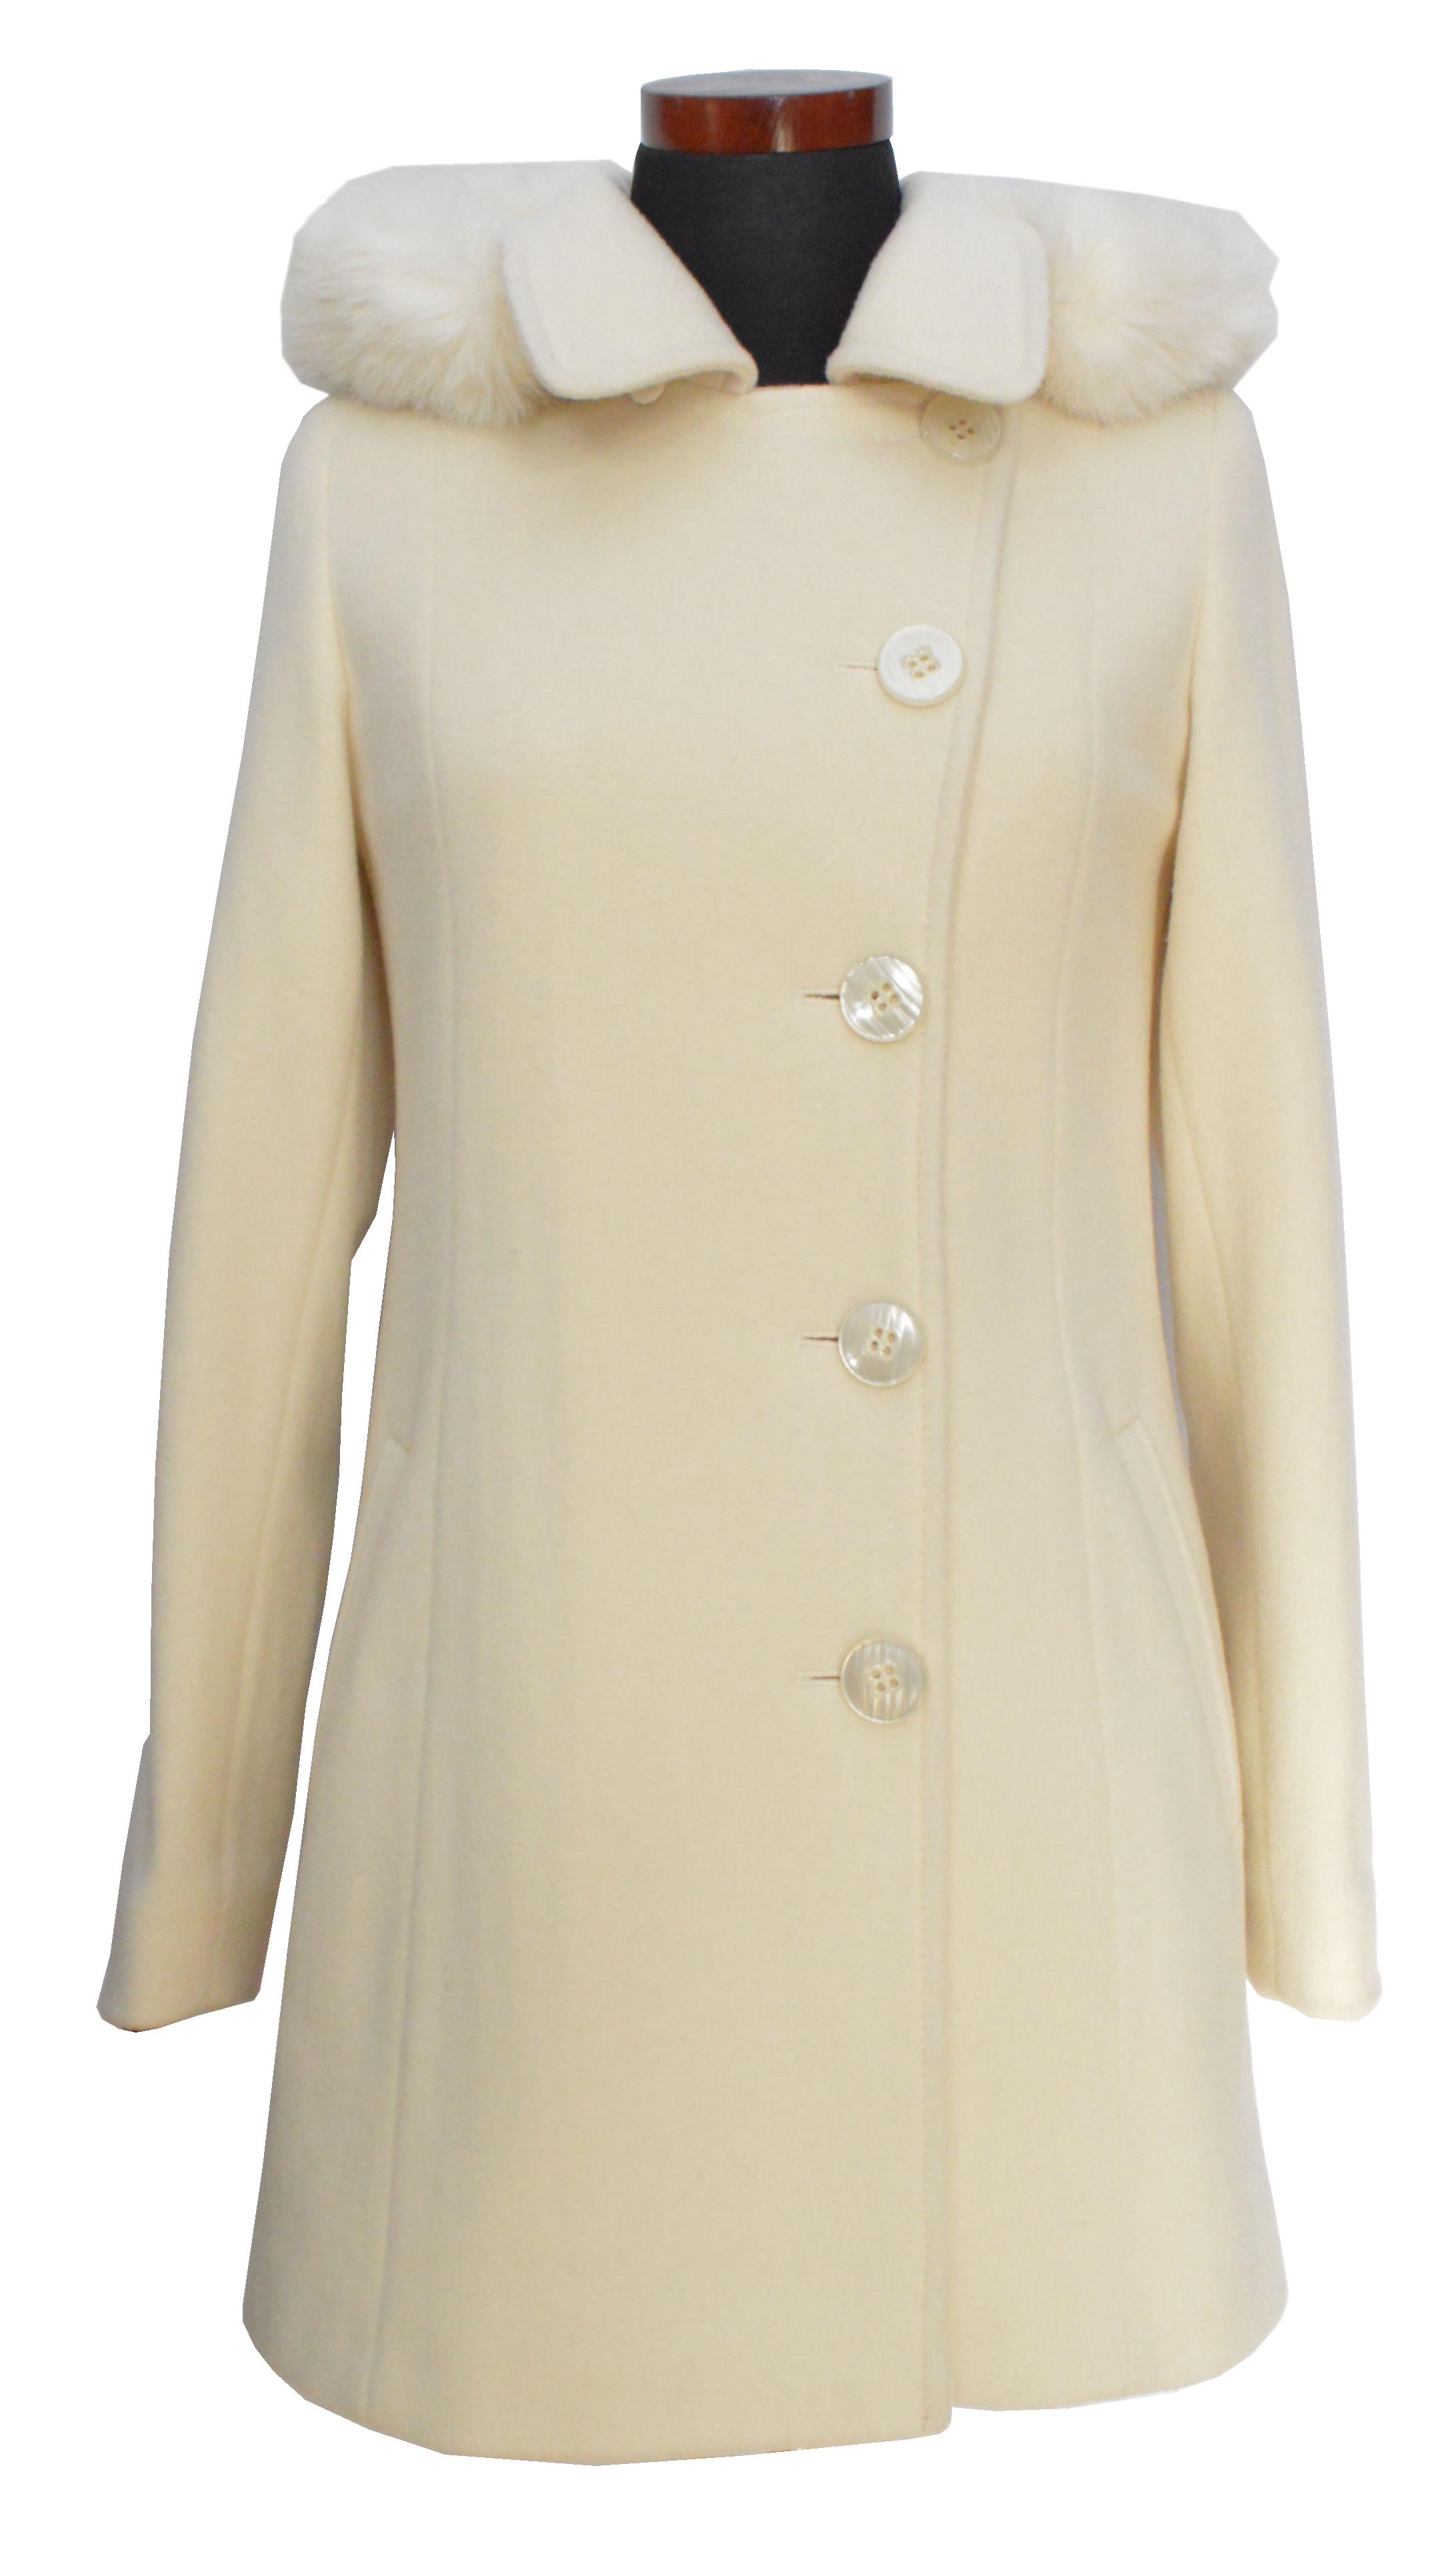 27069695ebc9 Krátky dámsky vlnený kabát Milka - kabátyžilina